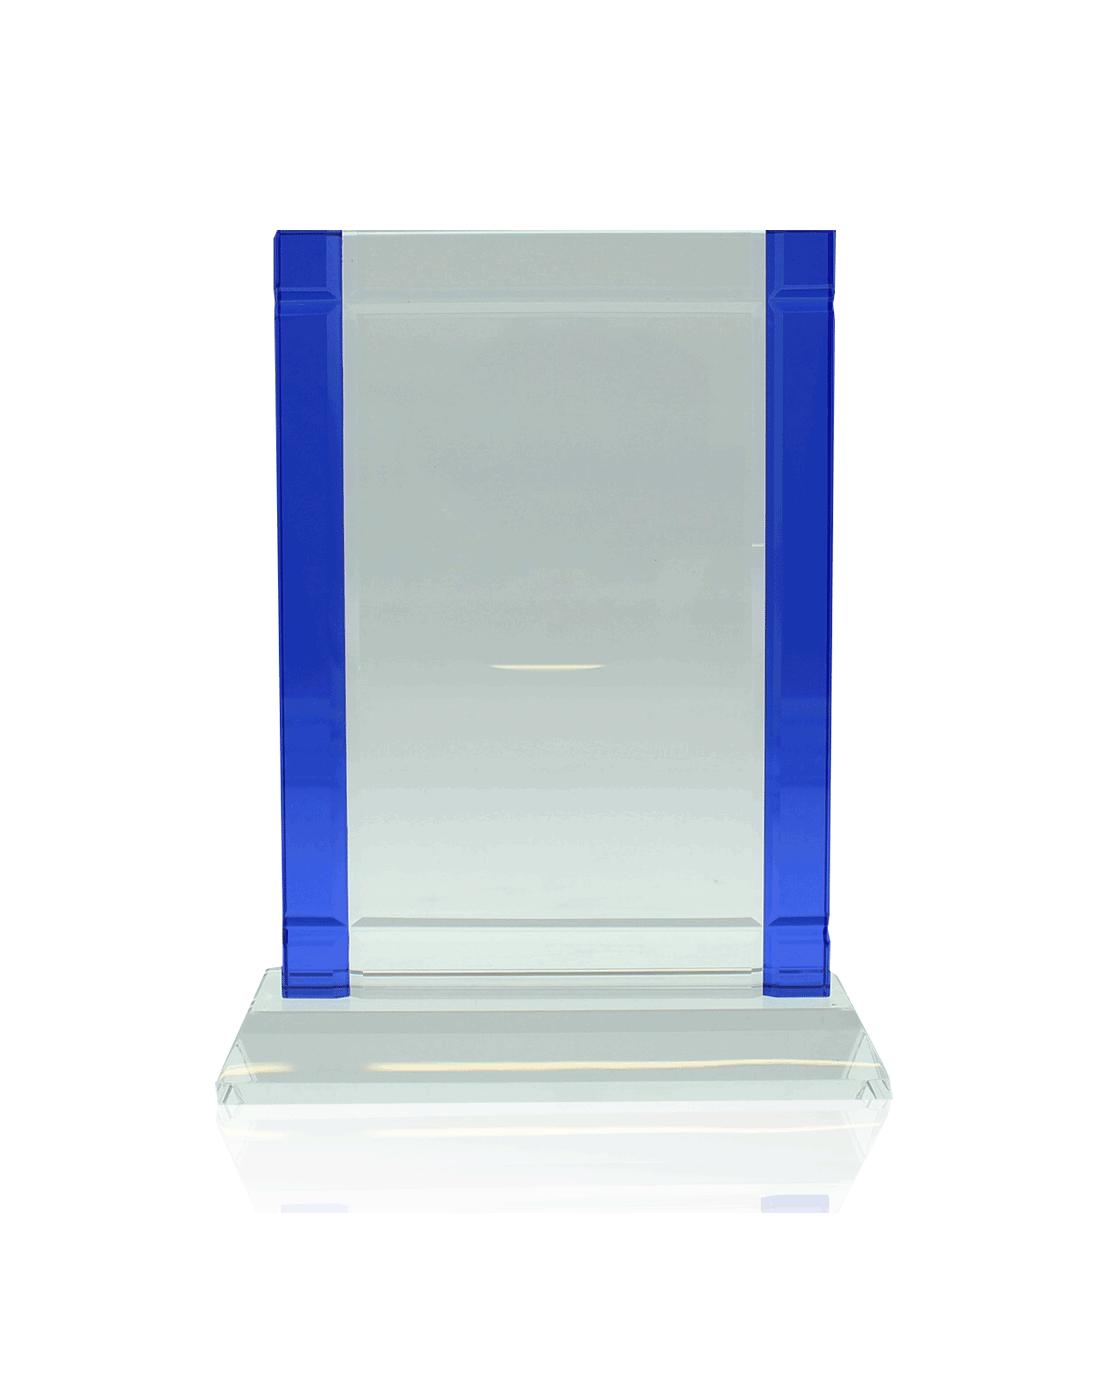 Deco Award Blue